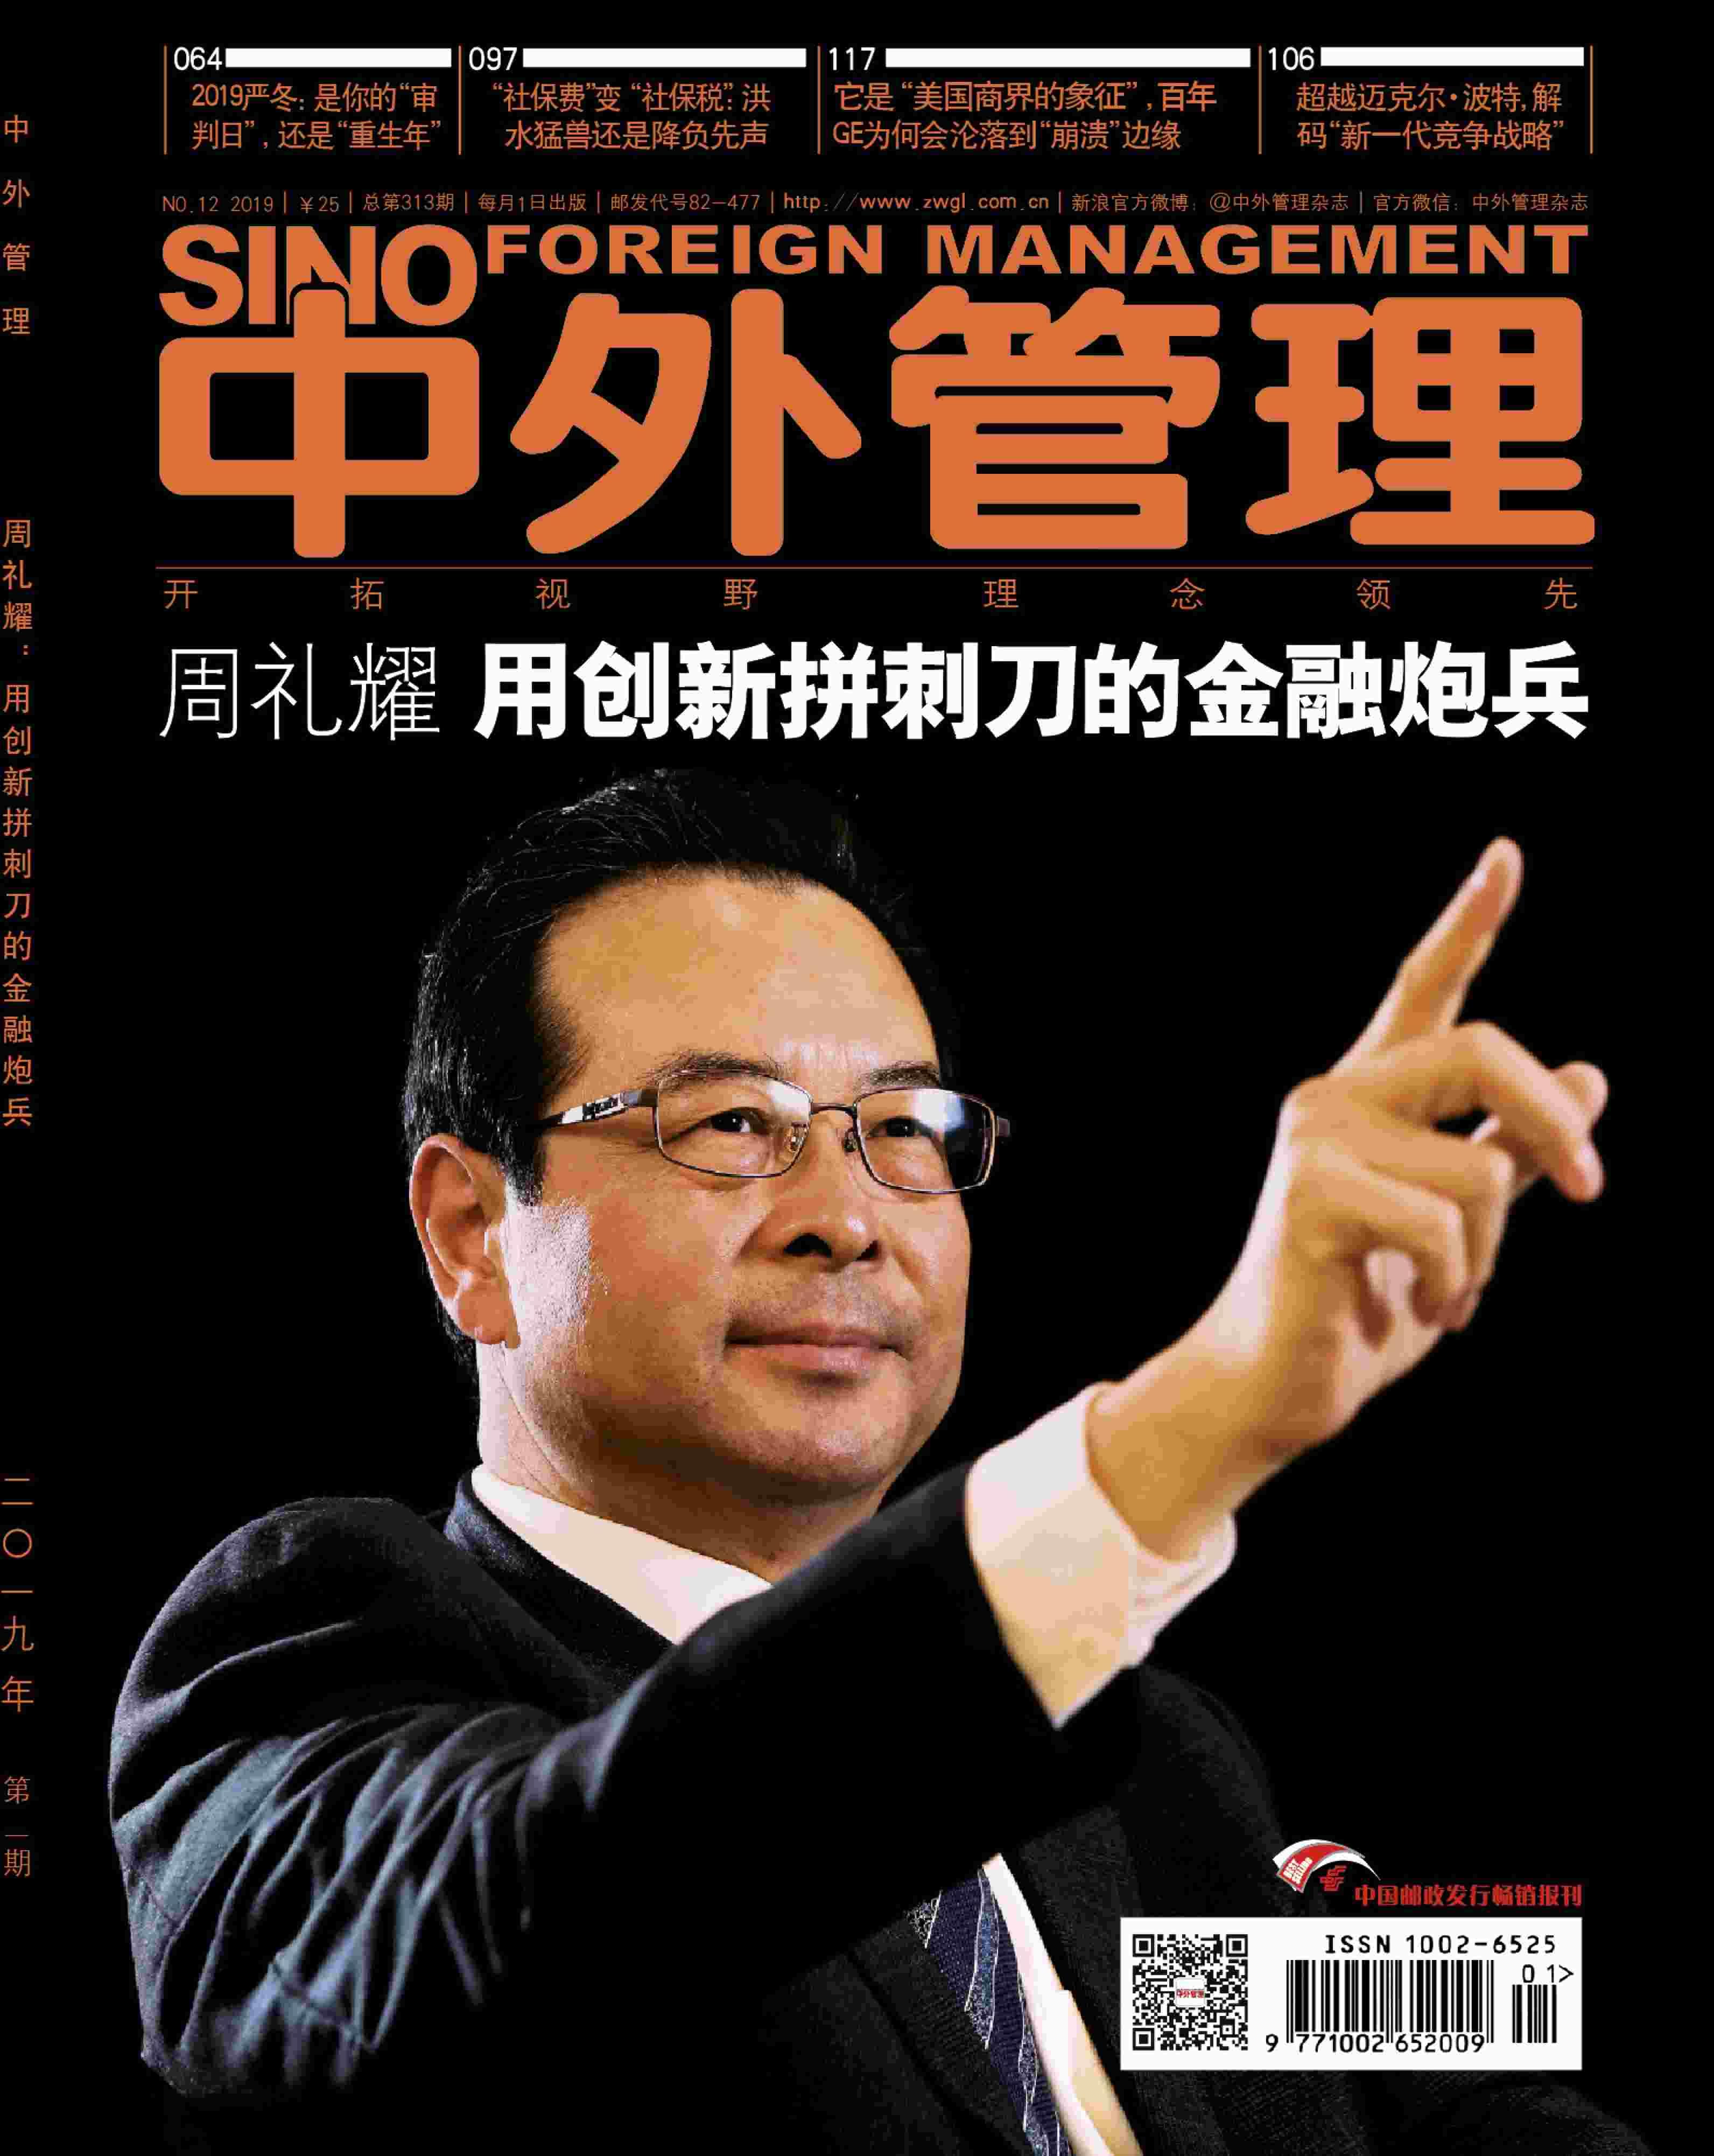 中外管理201901期